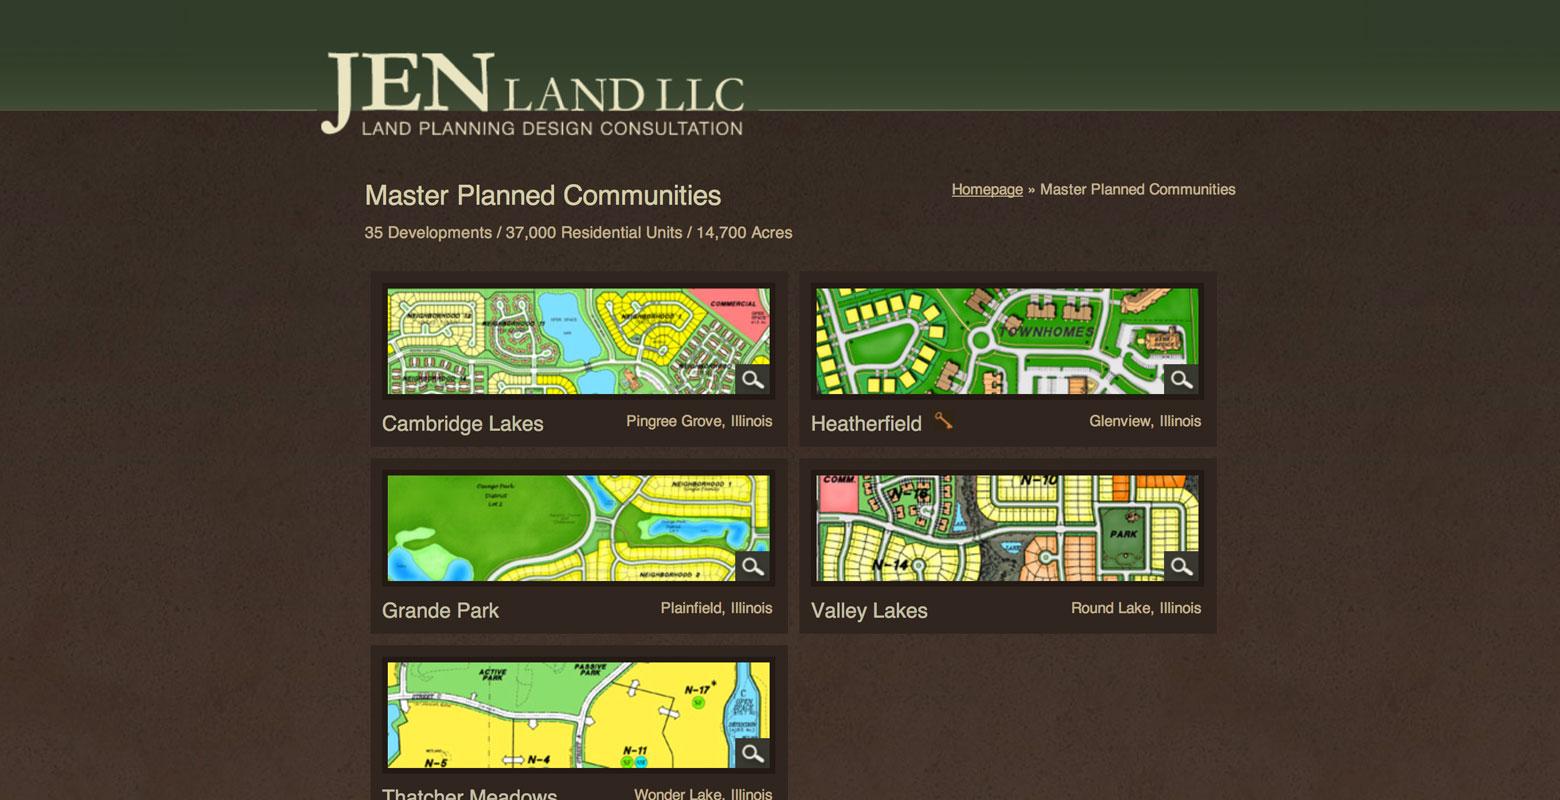 JEN Land LLC